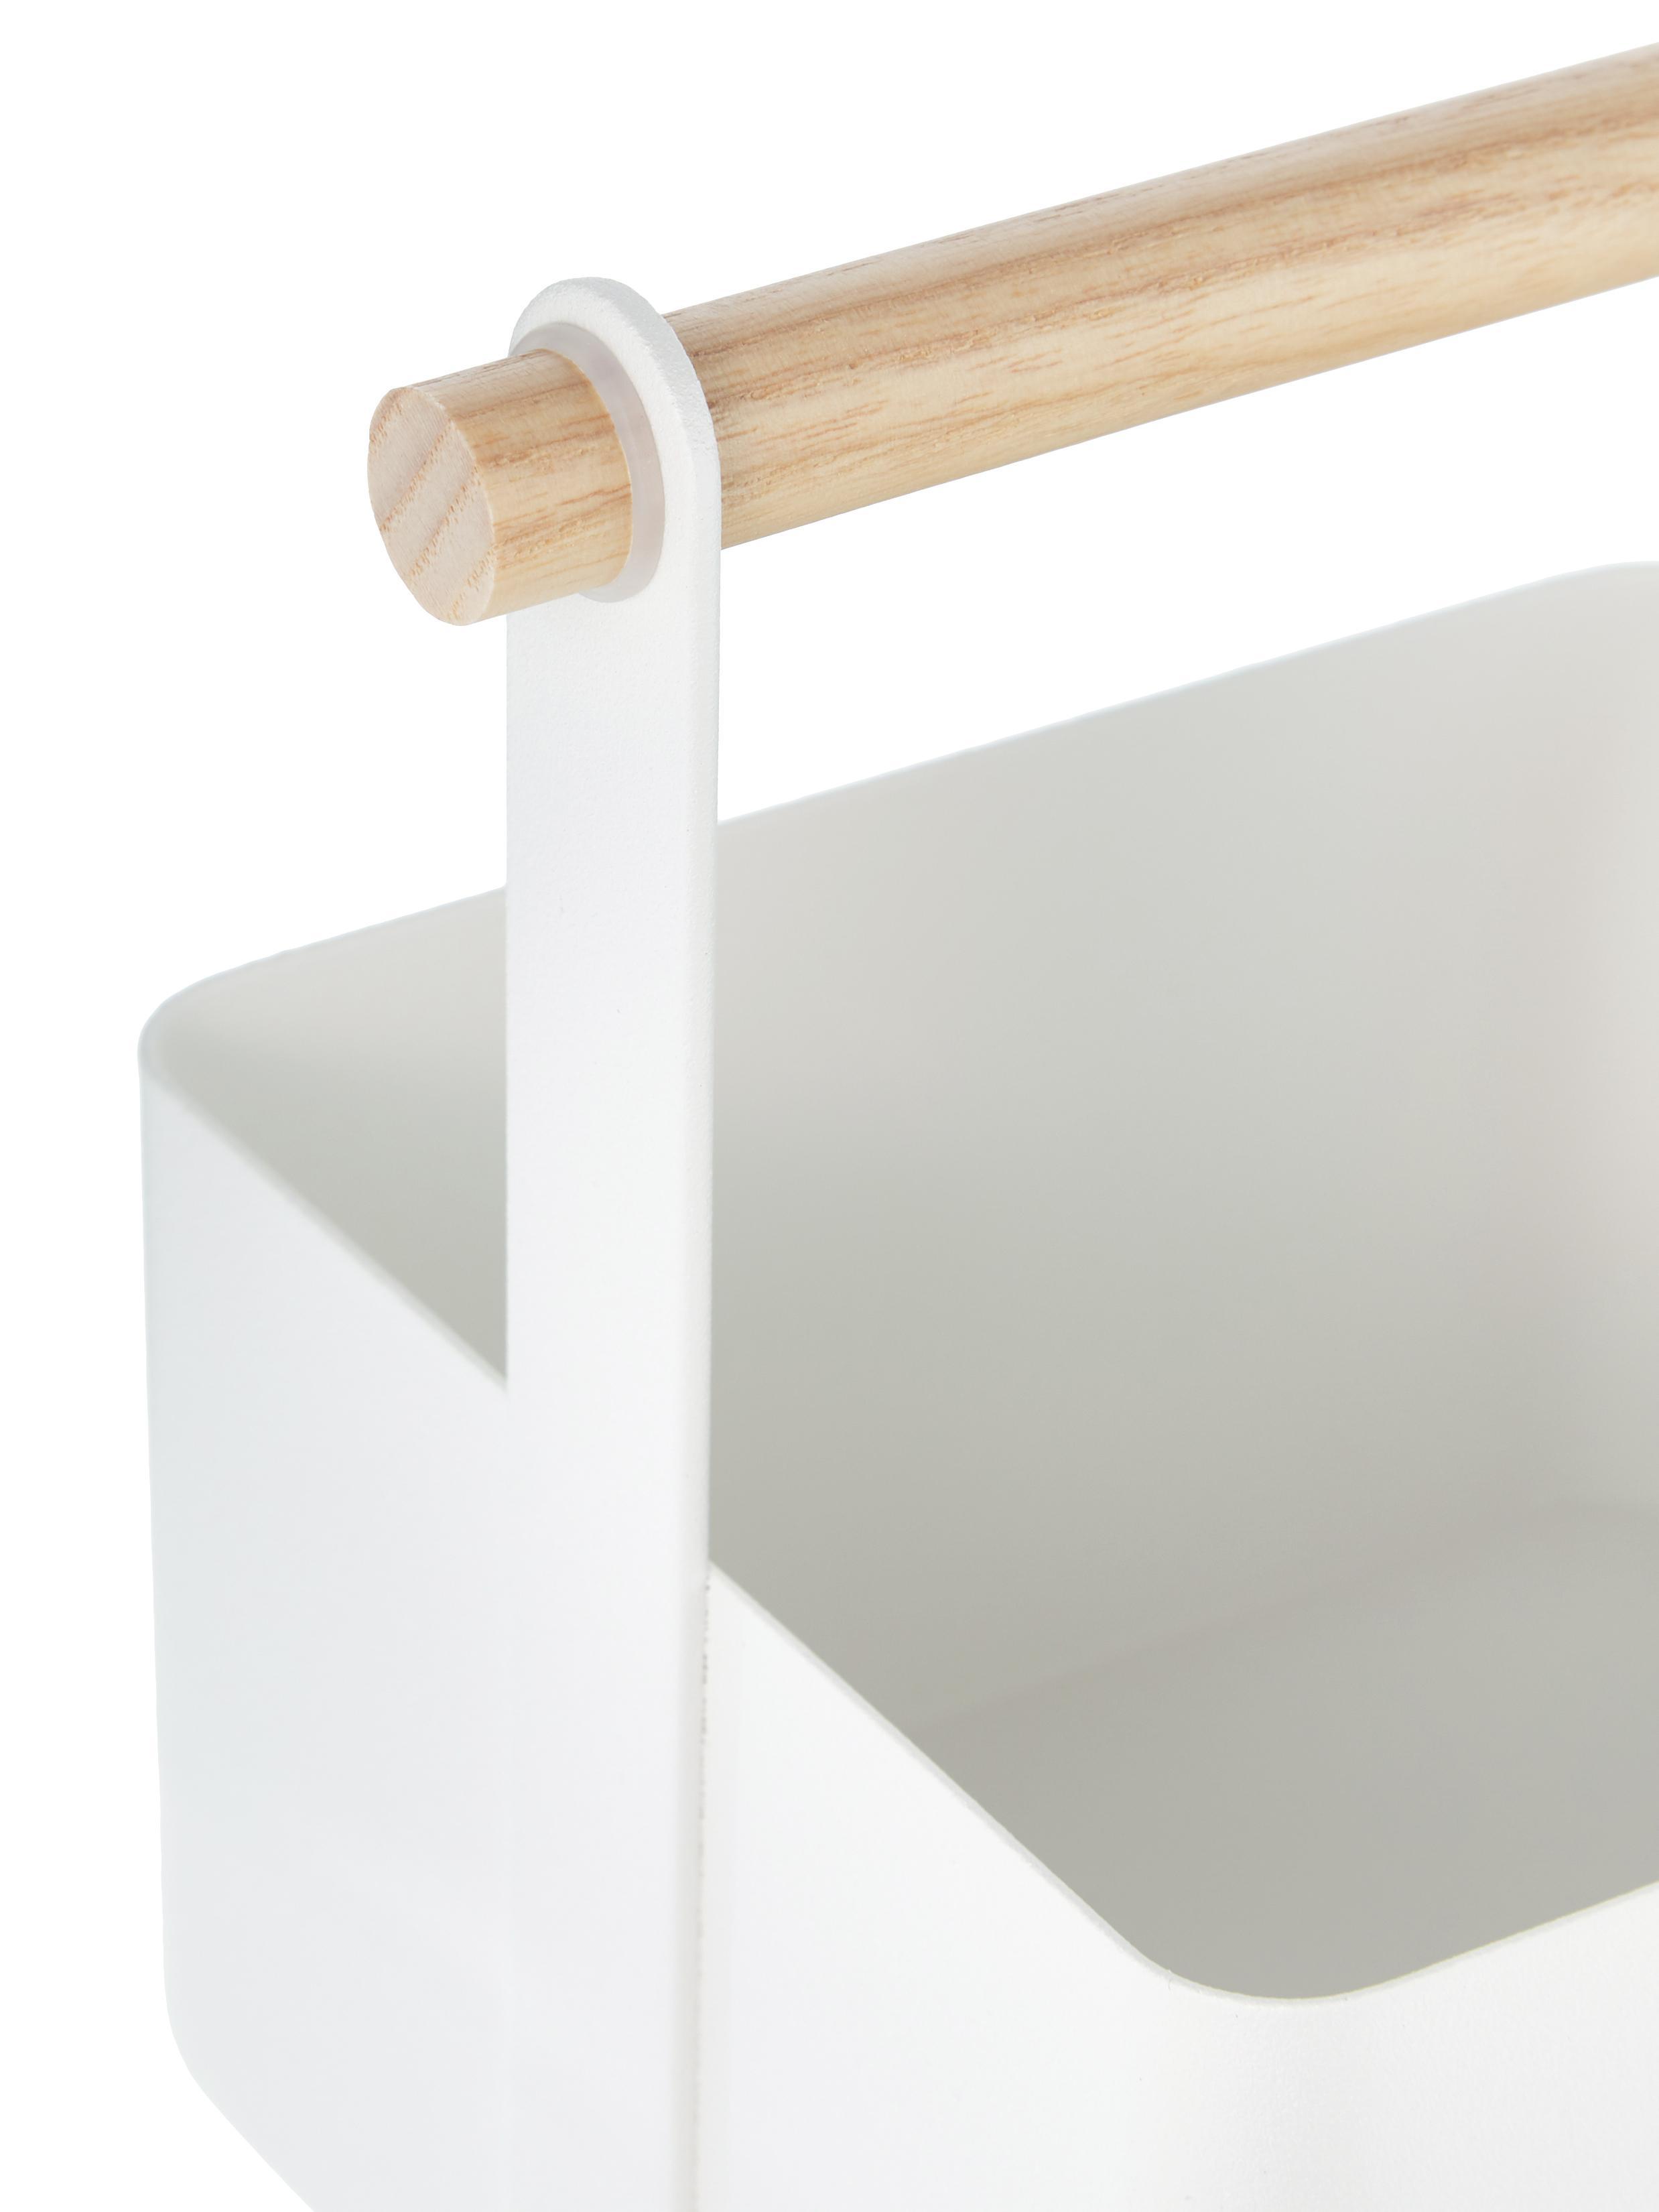 Aufbewahrungskorb Tosca, Box: Stahl, lackiert, Griff: Holz, Weiß, Braun, 16 x 16 cm